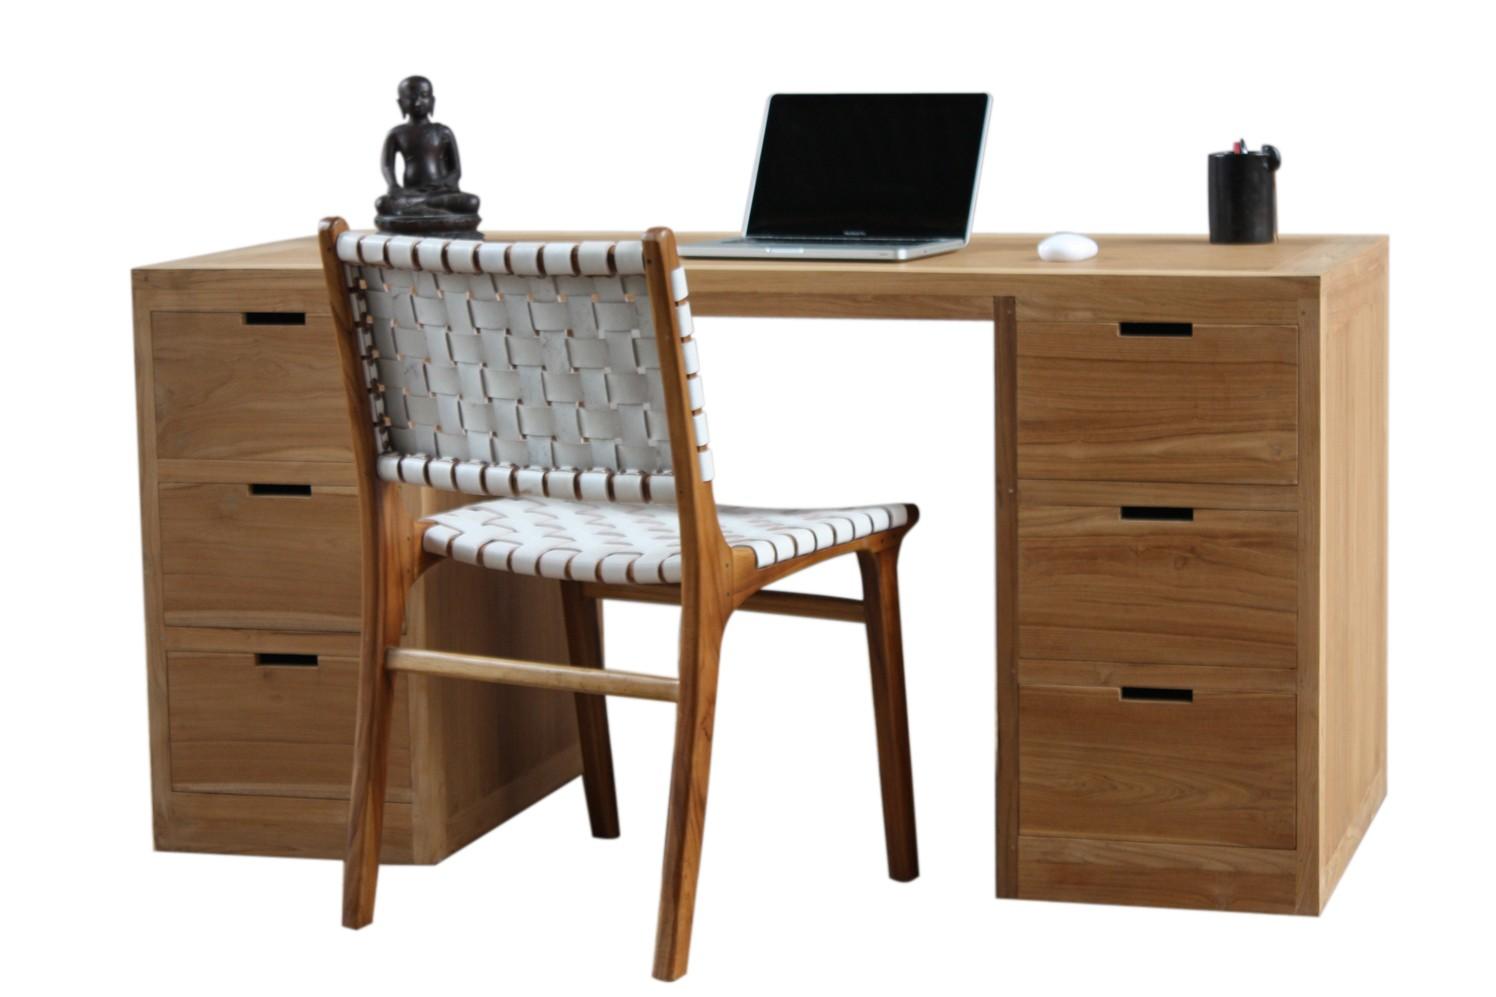 Bureau design en teck 6 tiroirs city. livraiosn et retour gratuits.